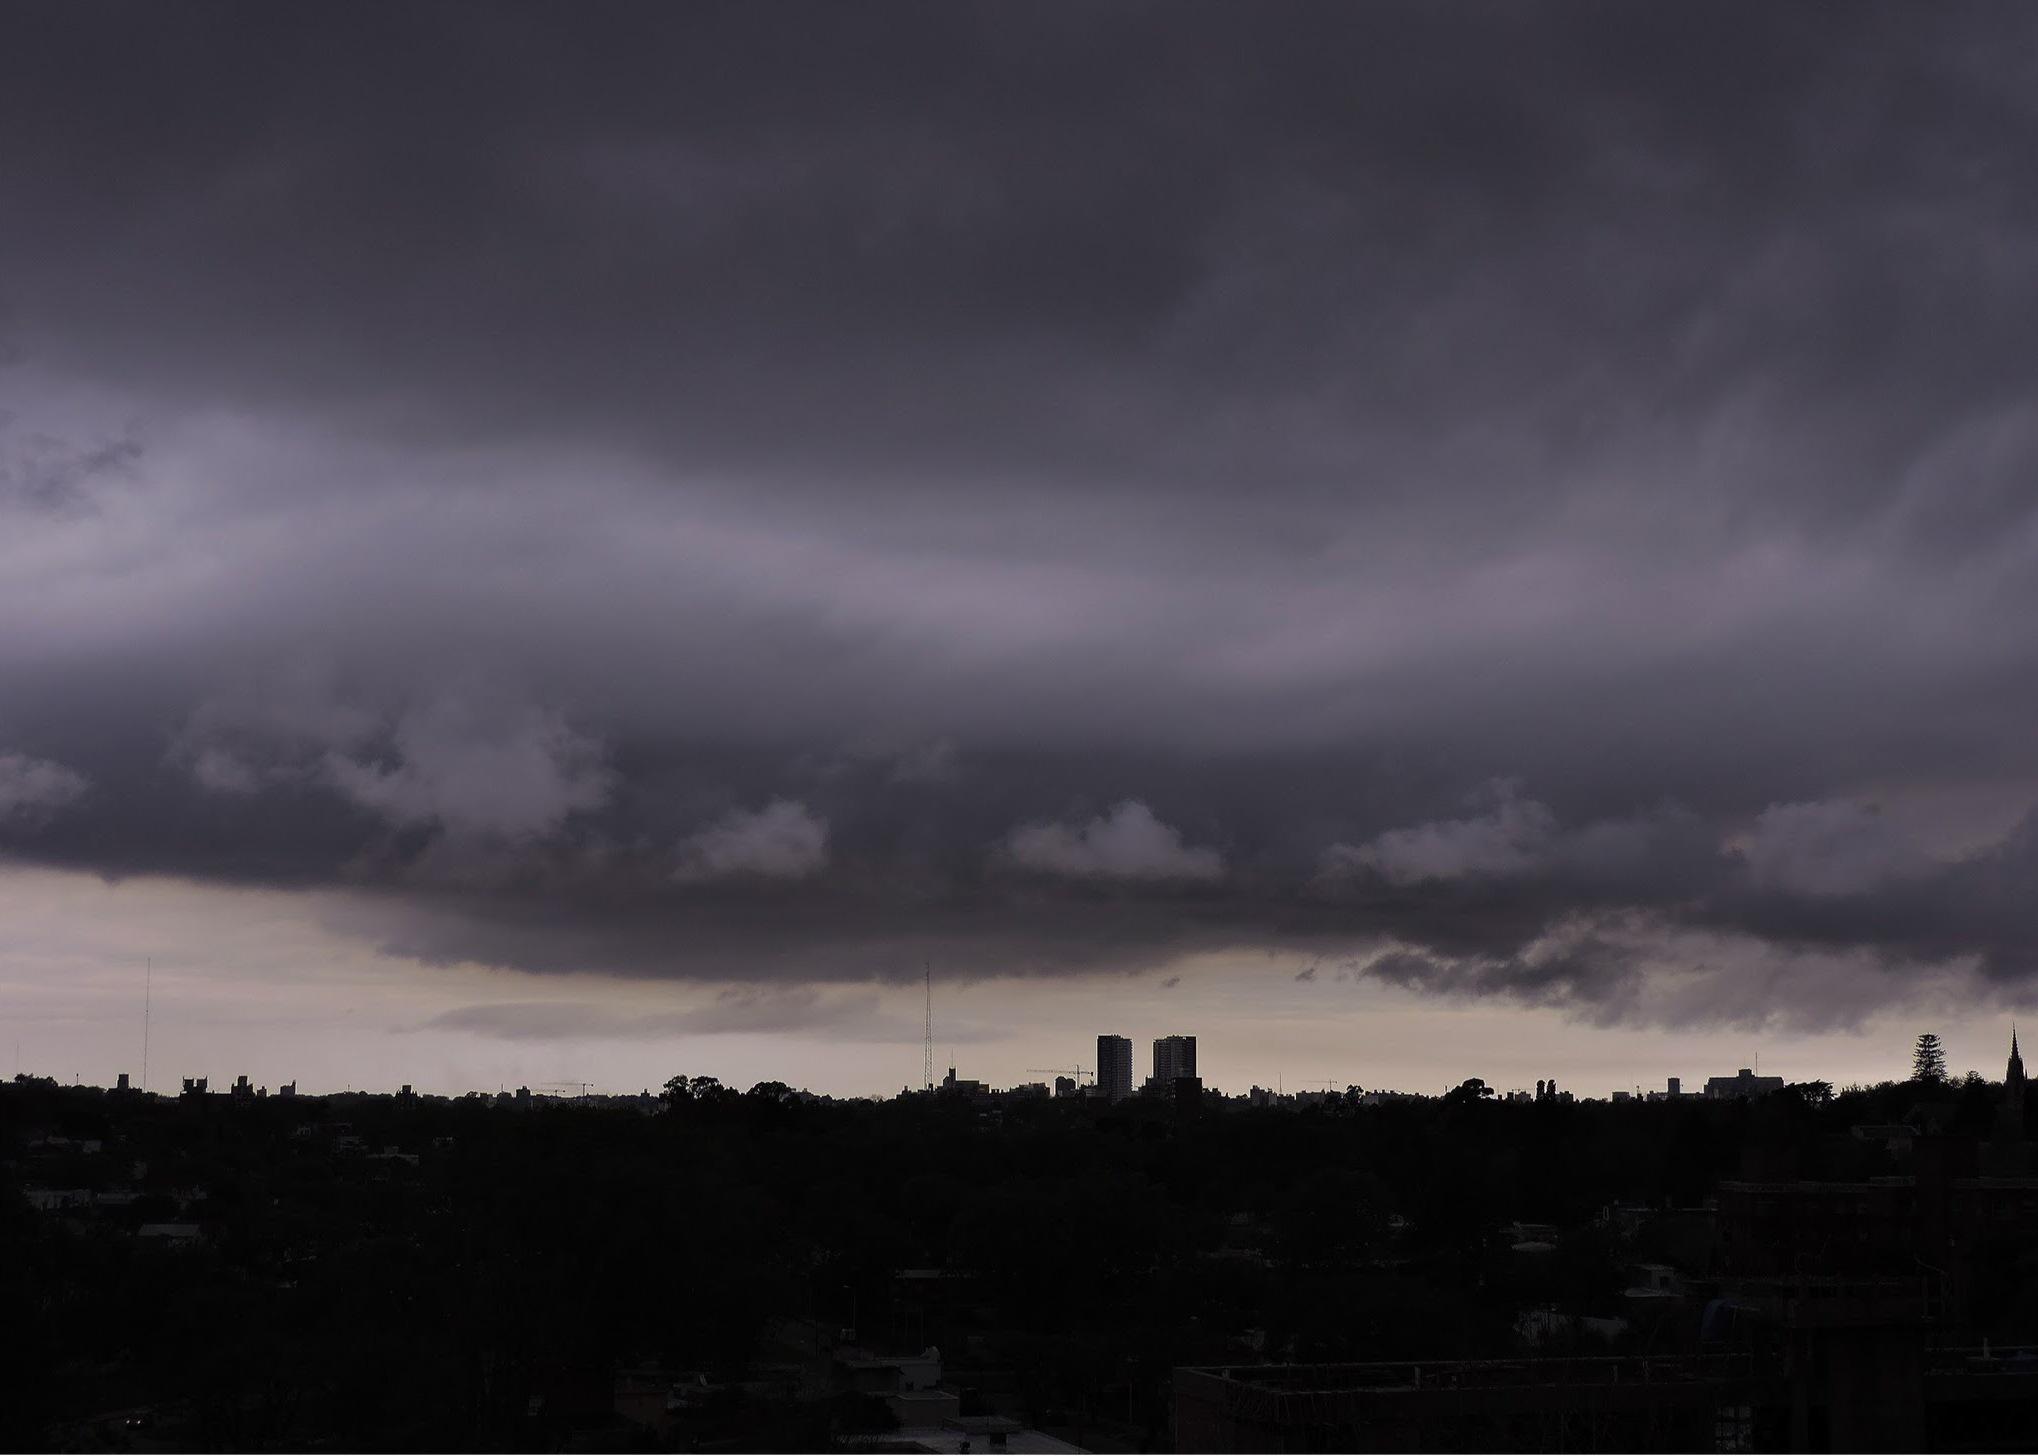 Storm by Katya Prt